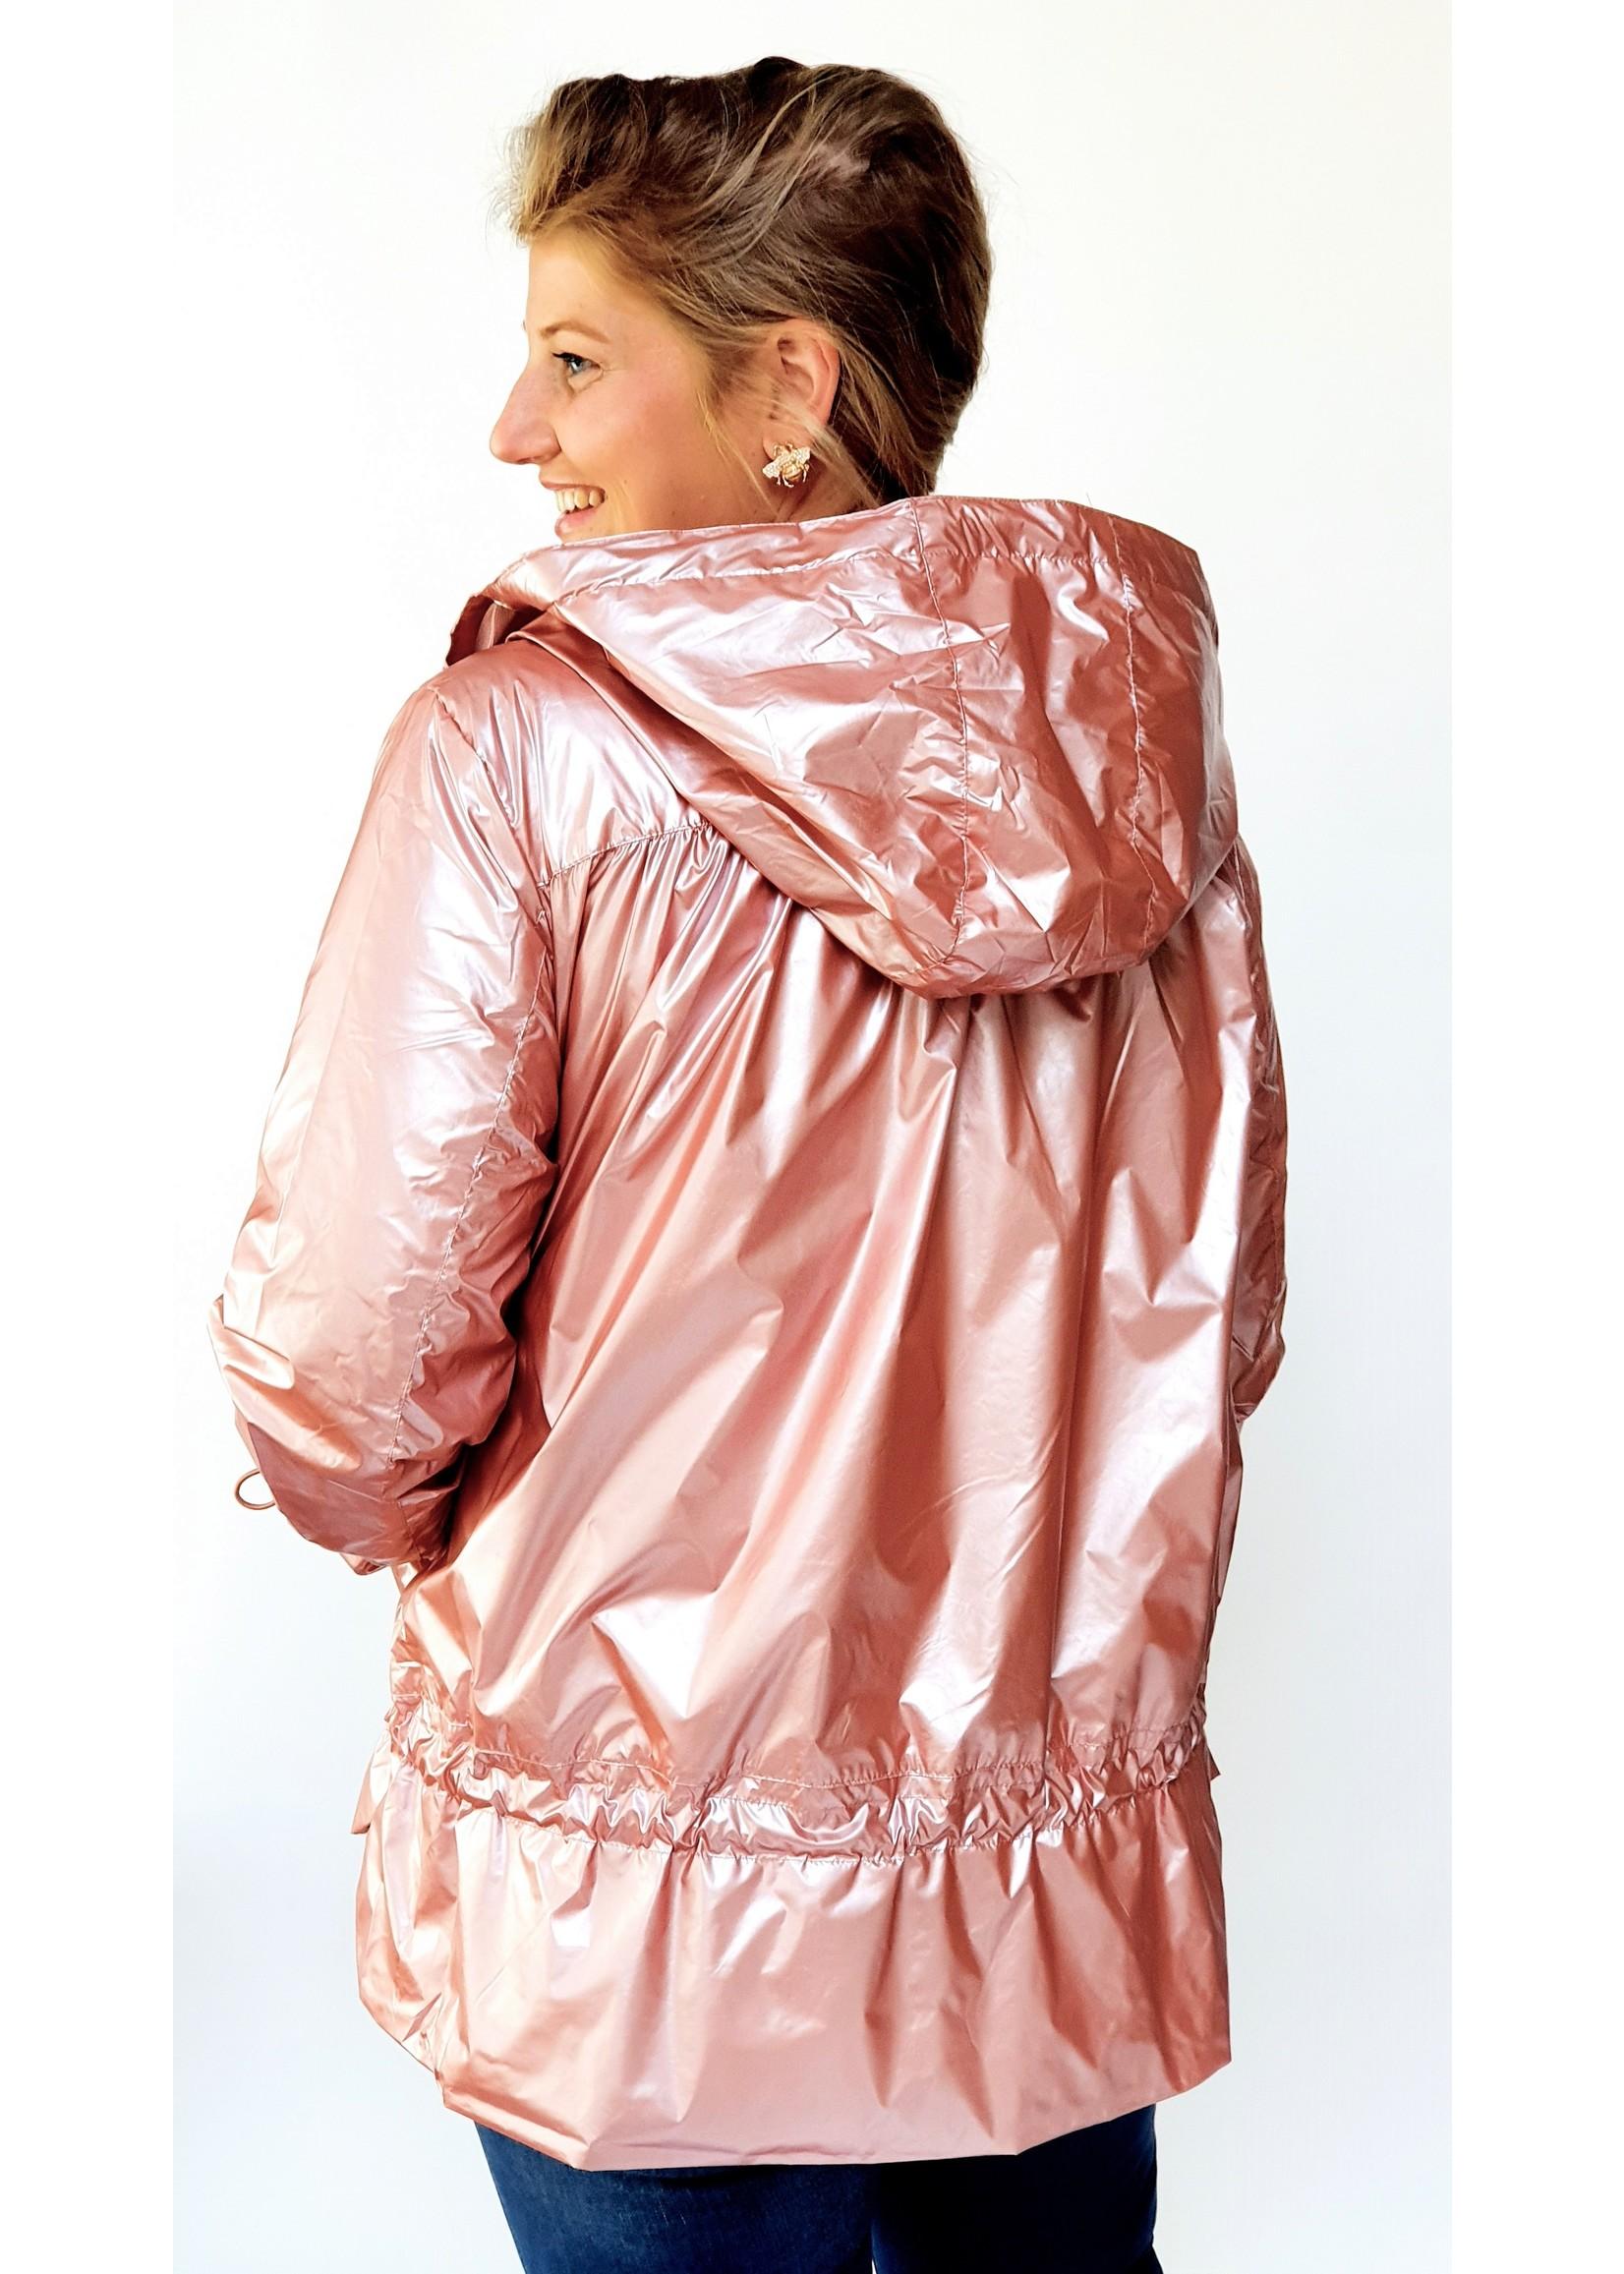 Shiny pink jacket